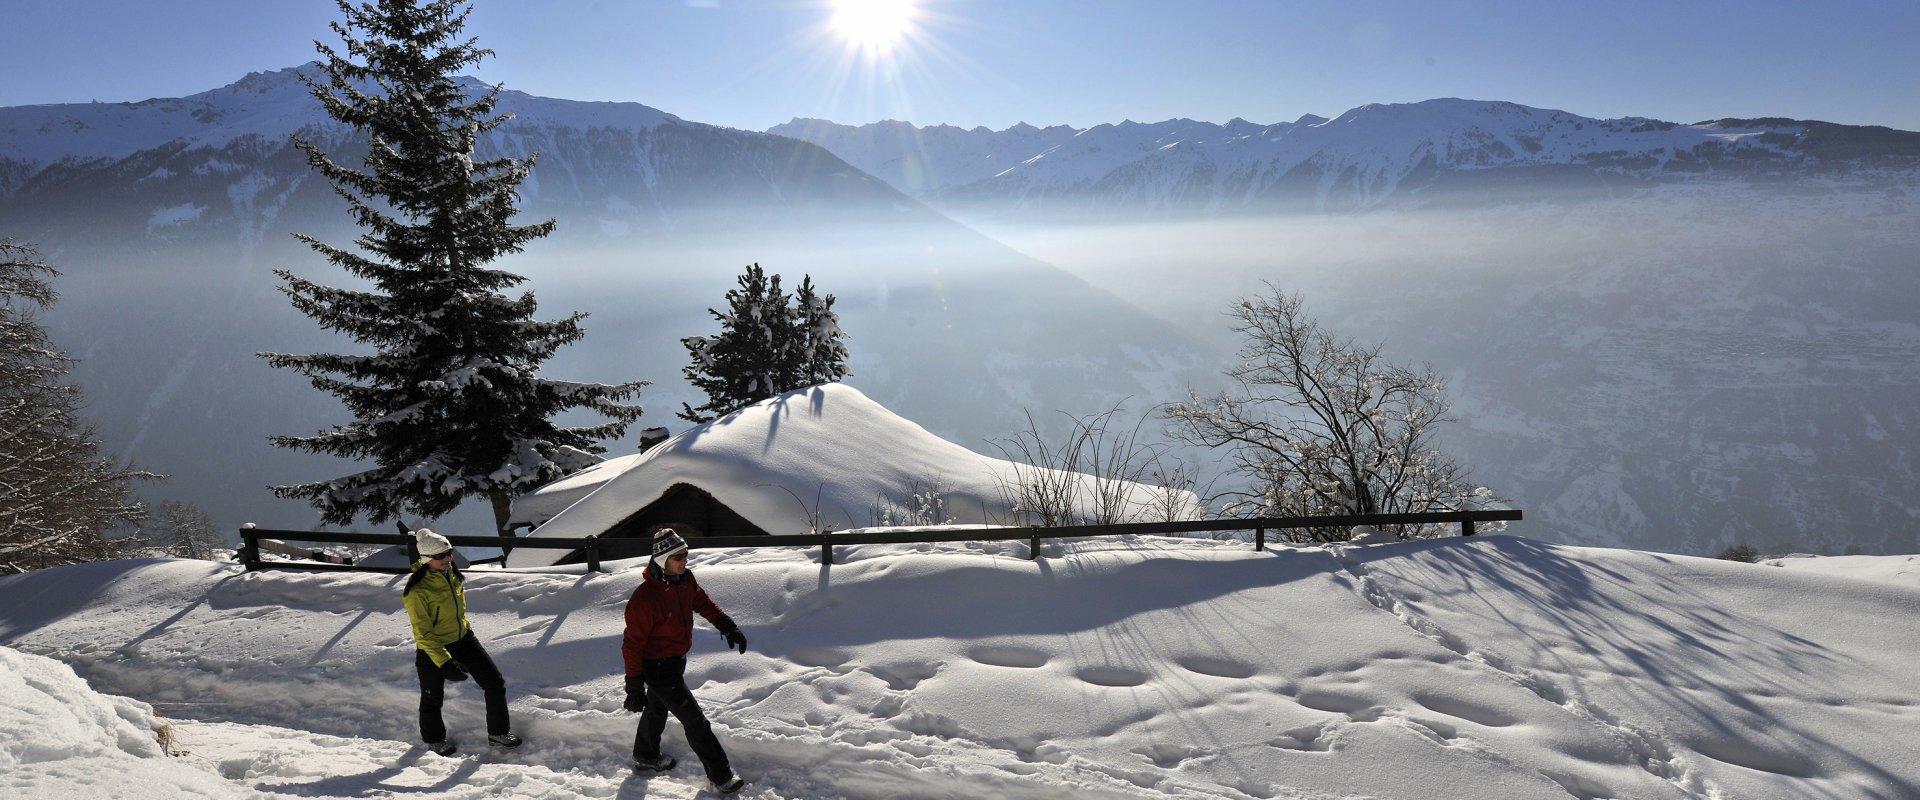 Randonnées hivernales